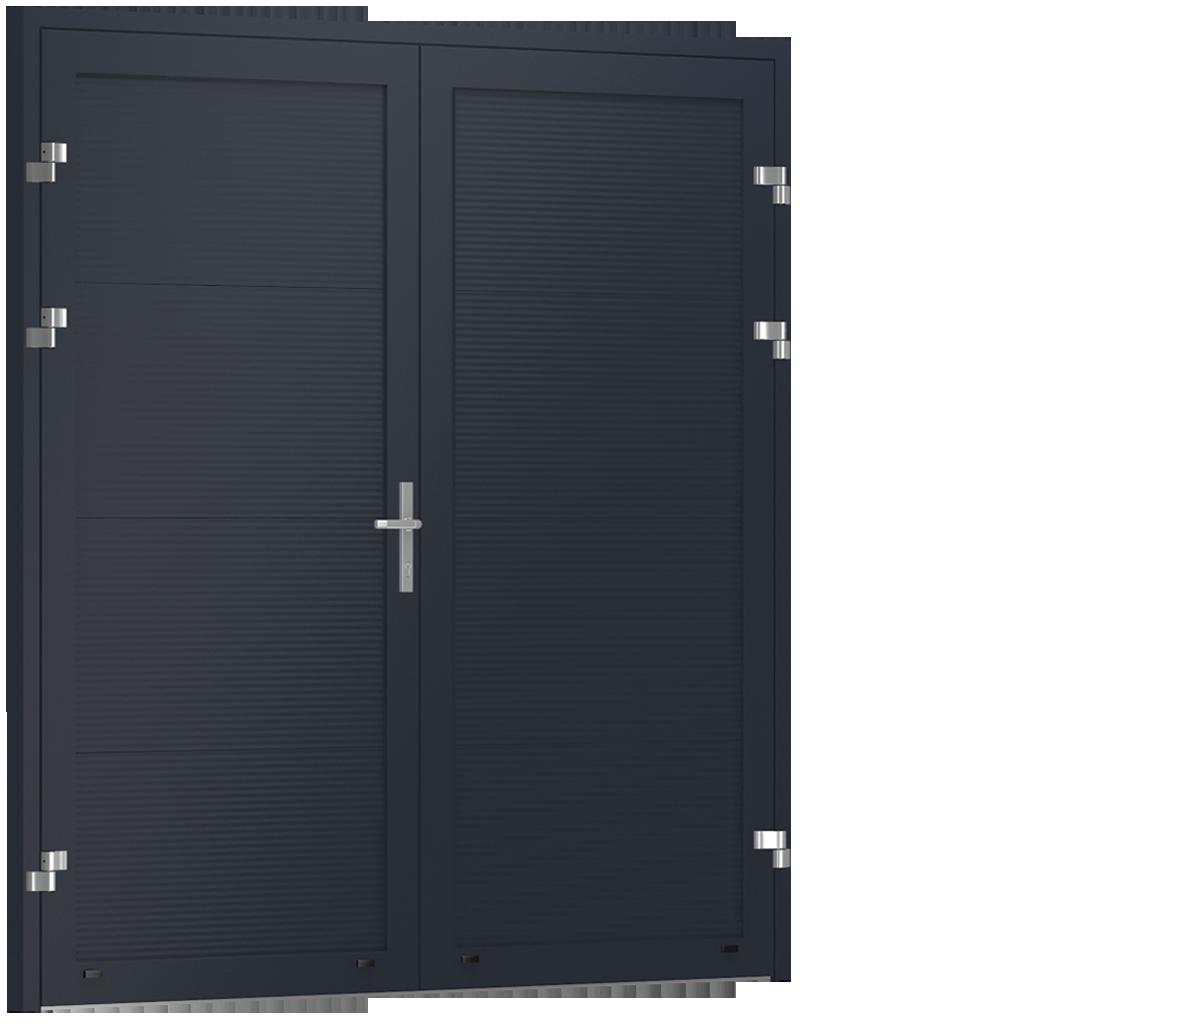 drzwi_podwójne_0003_drzwi_podwójne_0004_5-1024x991-3